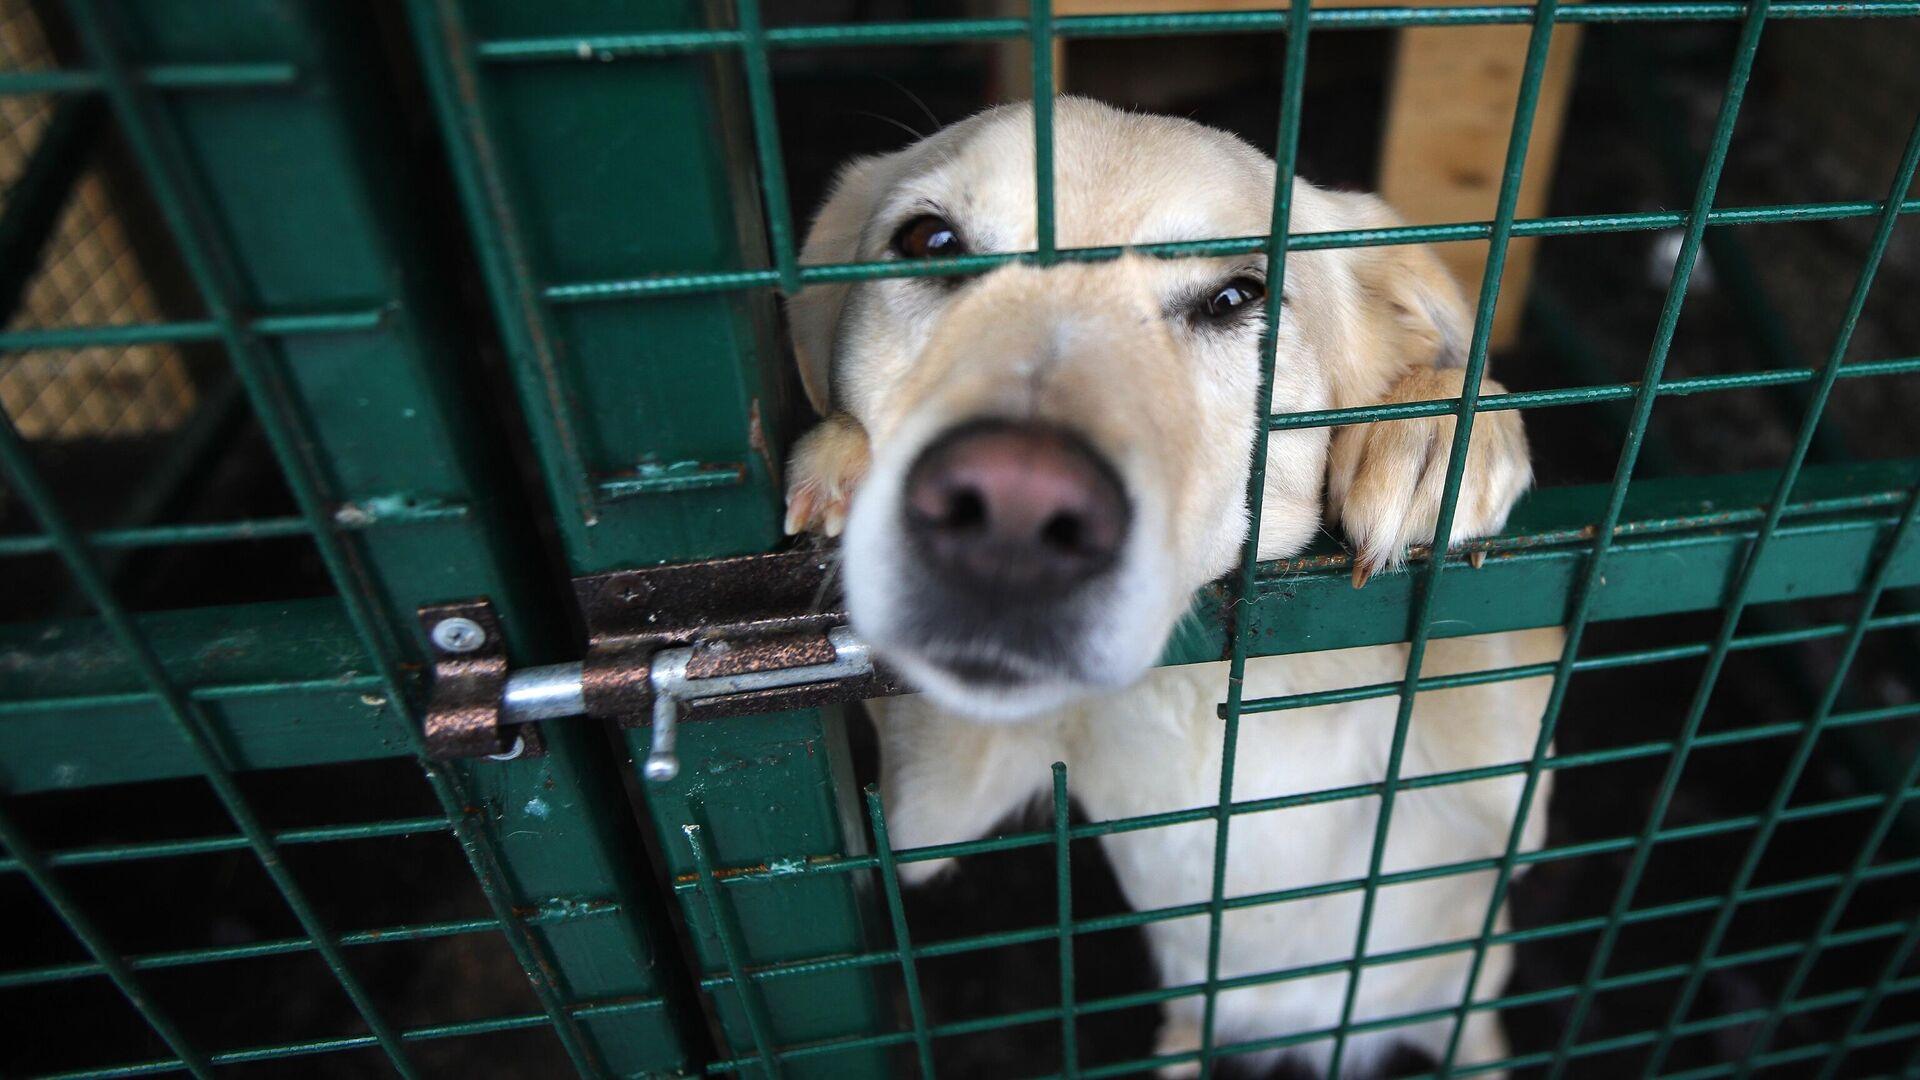 Бродячая собака в вольере приюта для бездомных животных Владпитомник во Владикавказе - РИА Новости, 1920, 07.04.2021